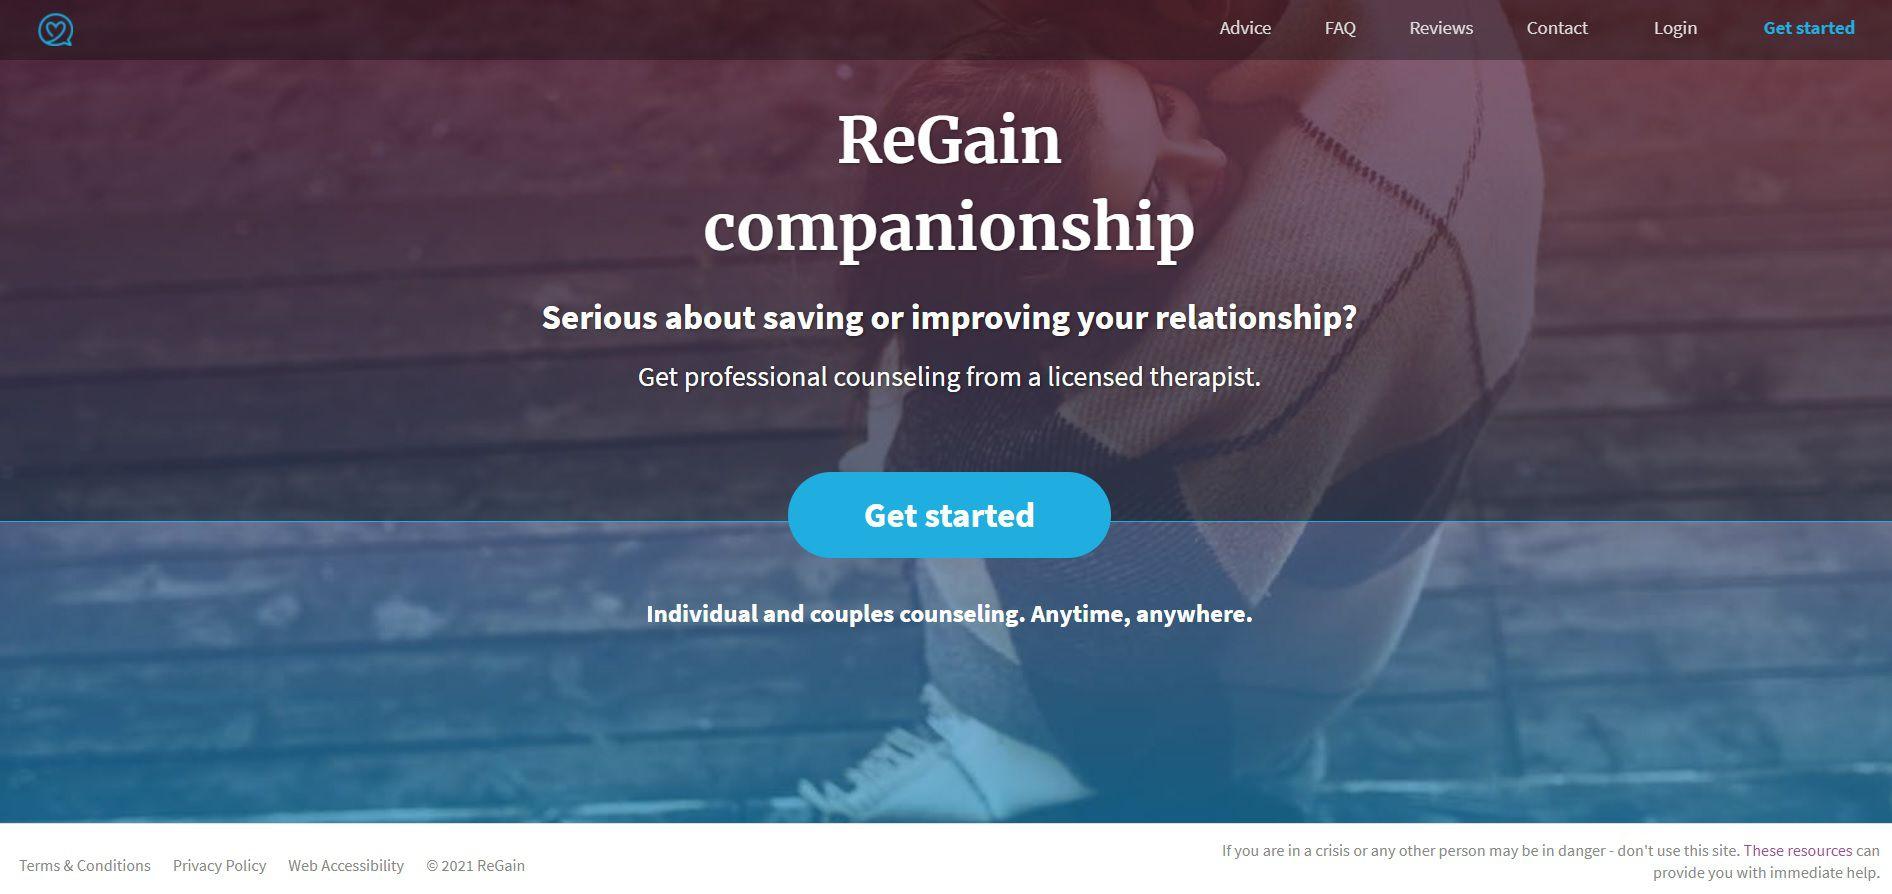 ReGain Homepage